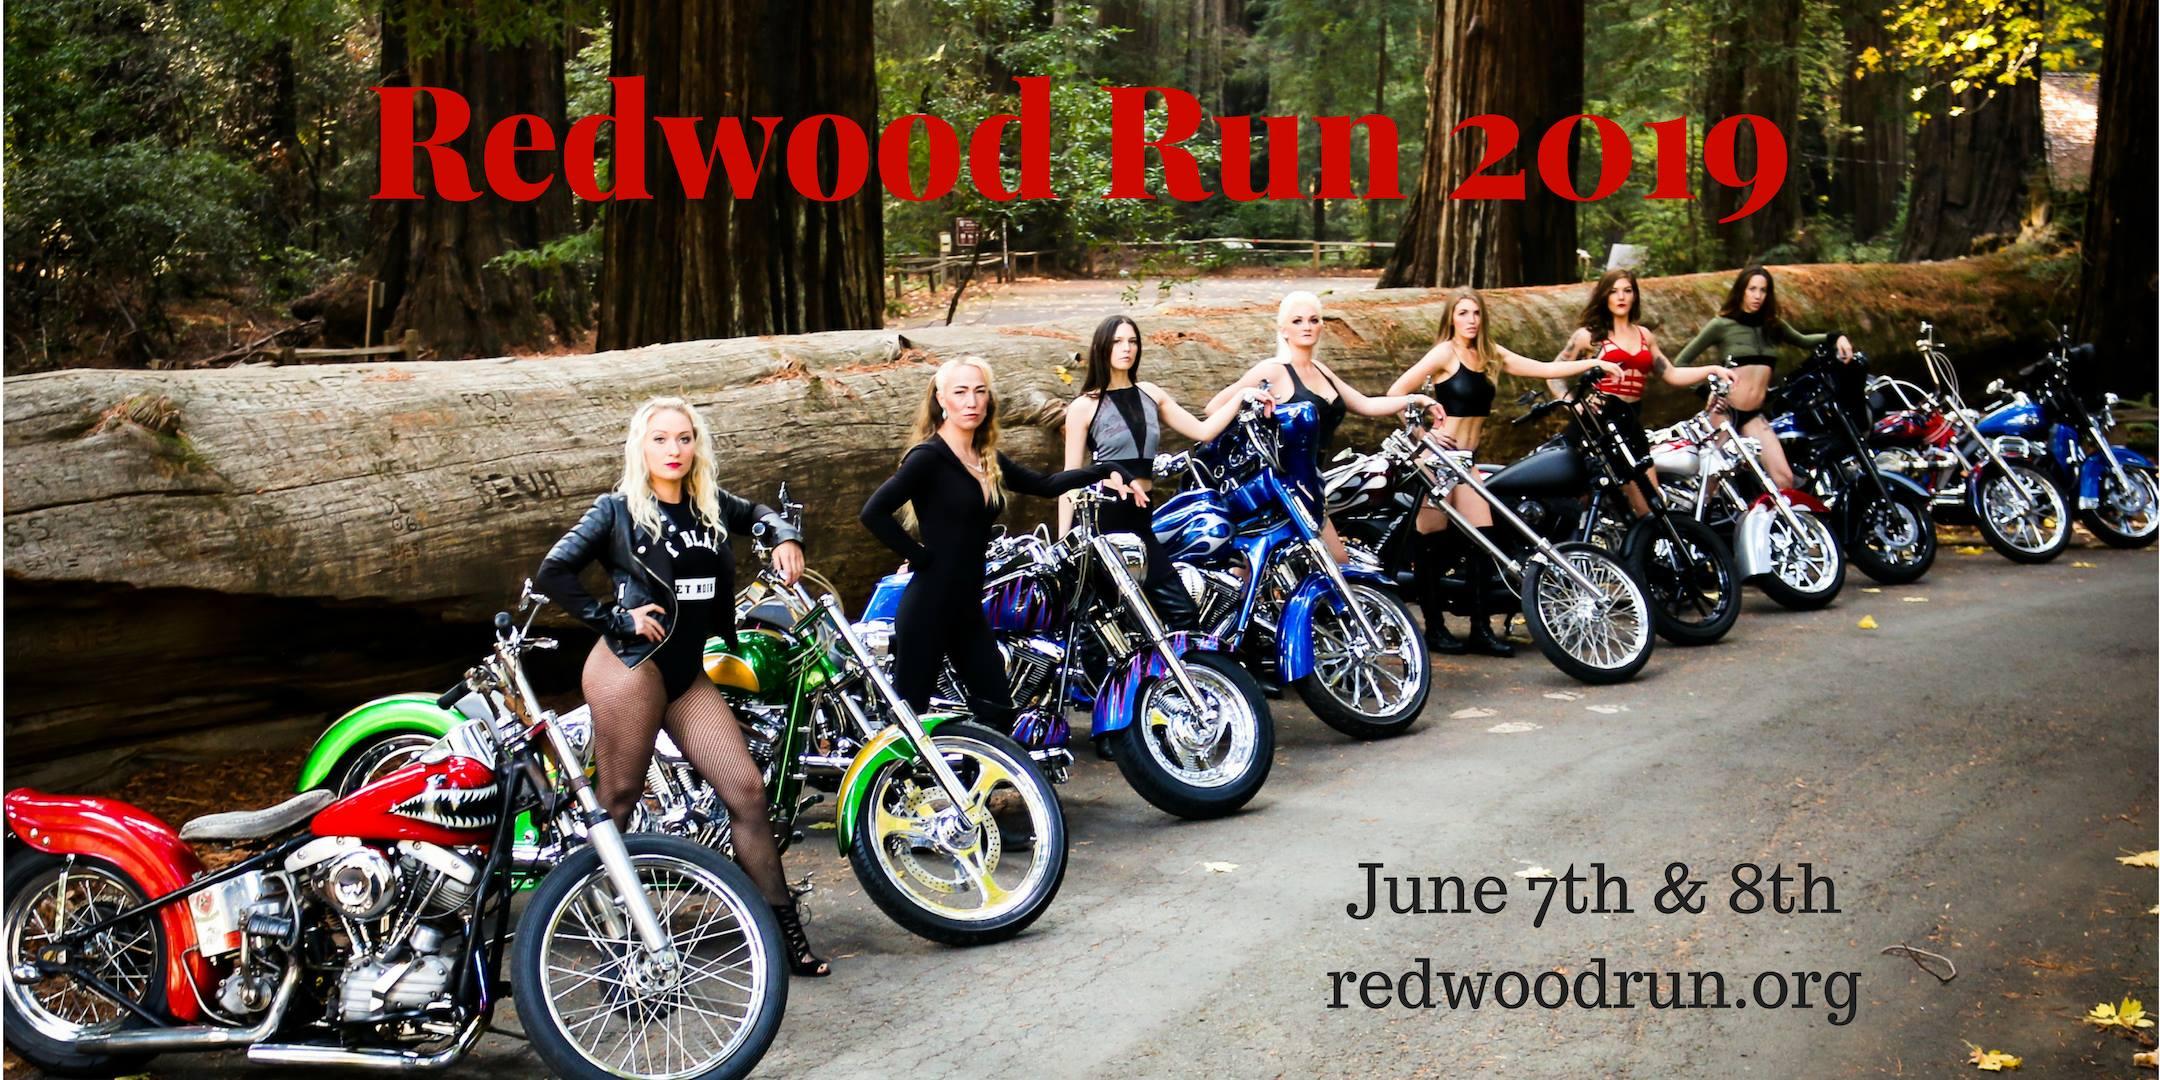 Redwood Run - June 7-8, 2019